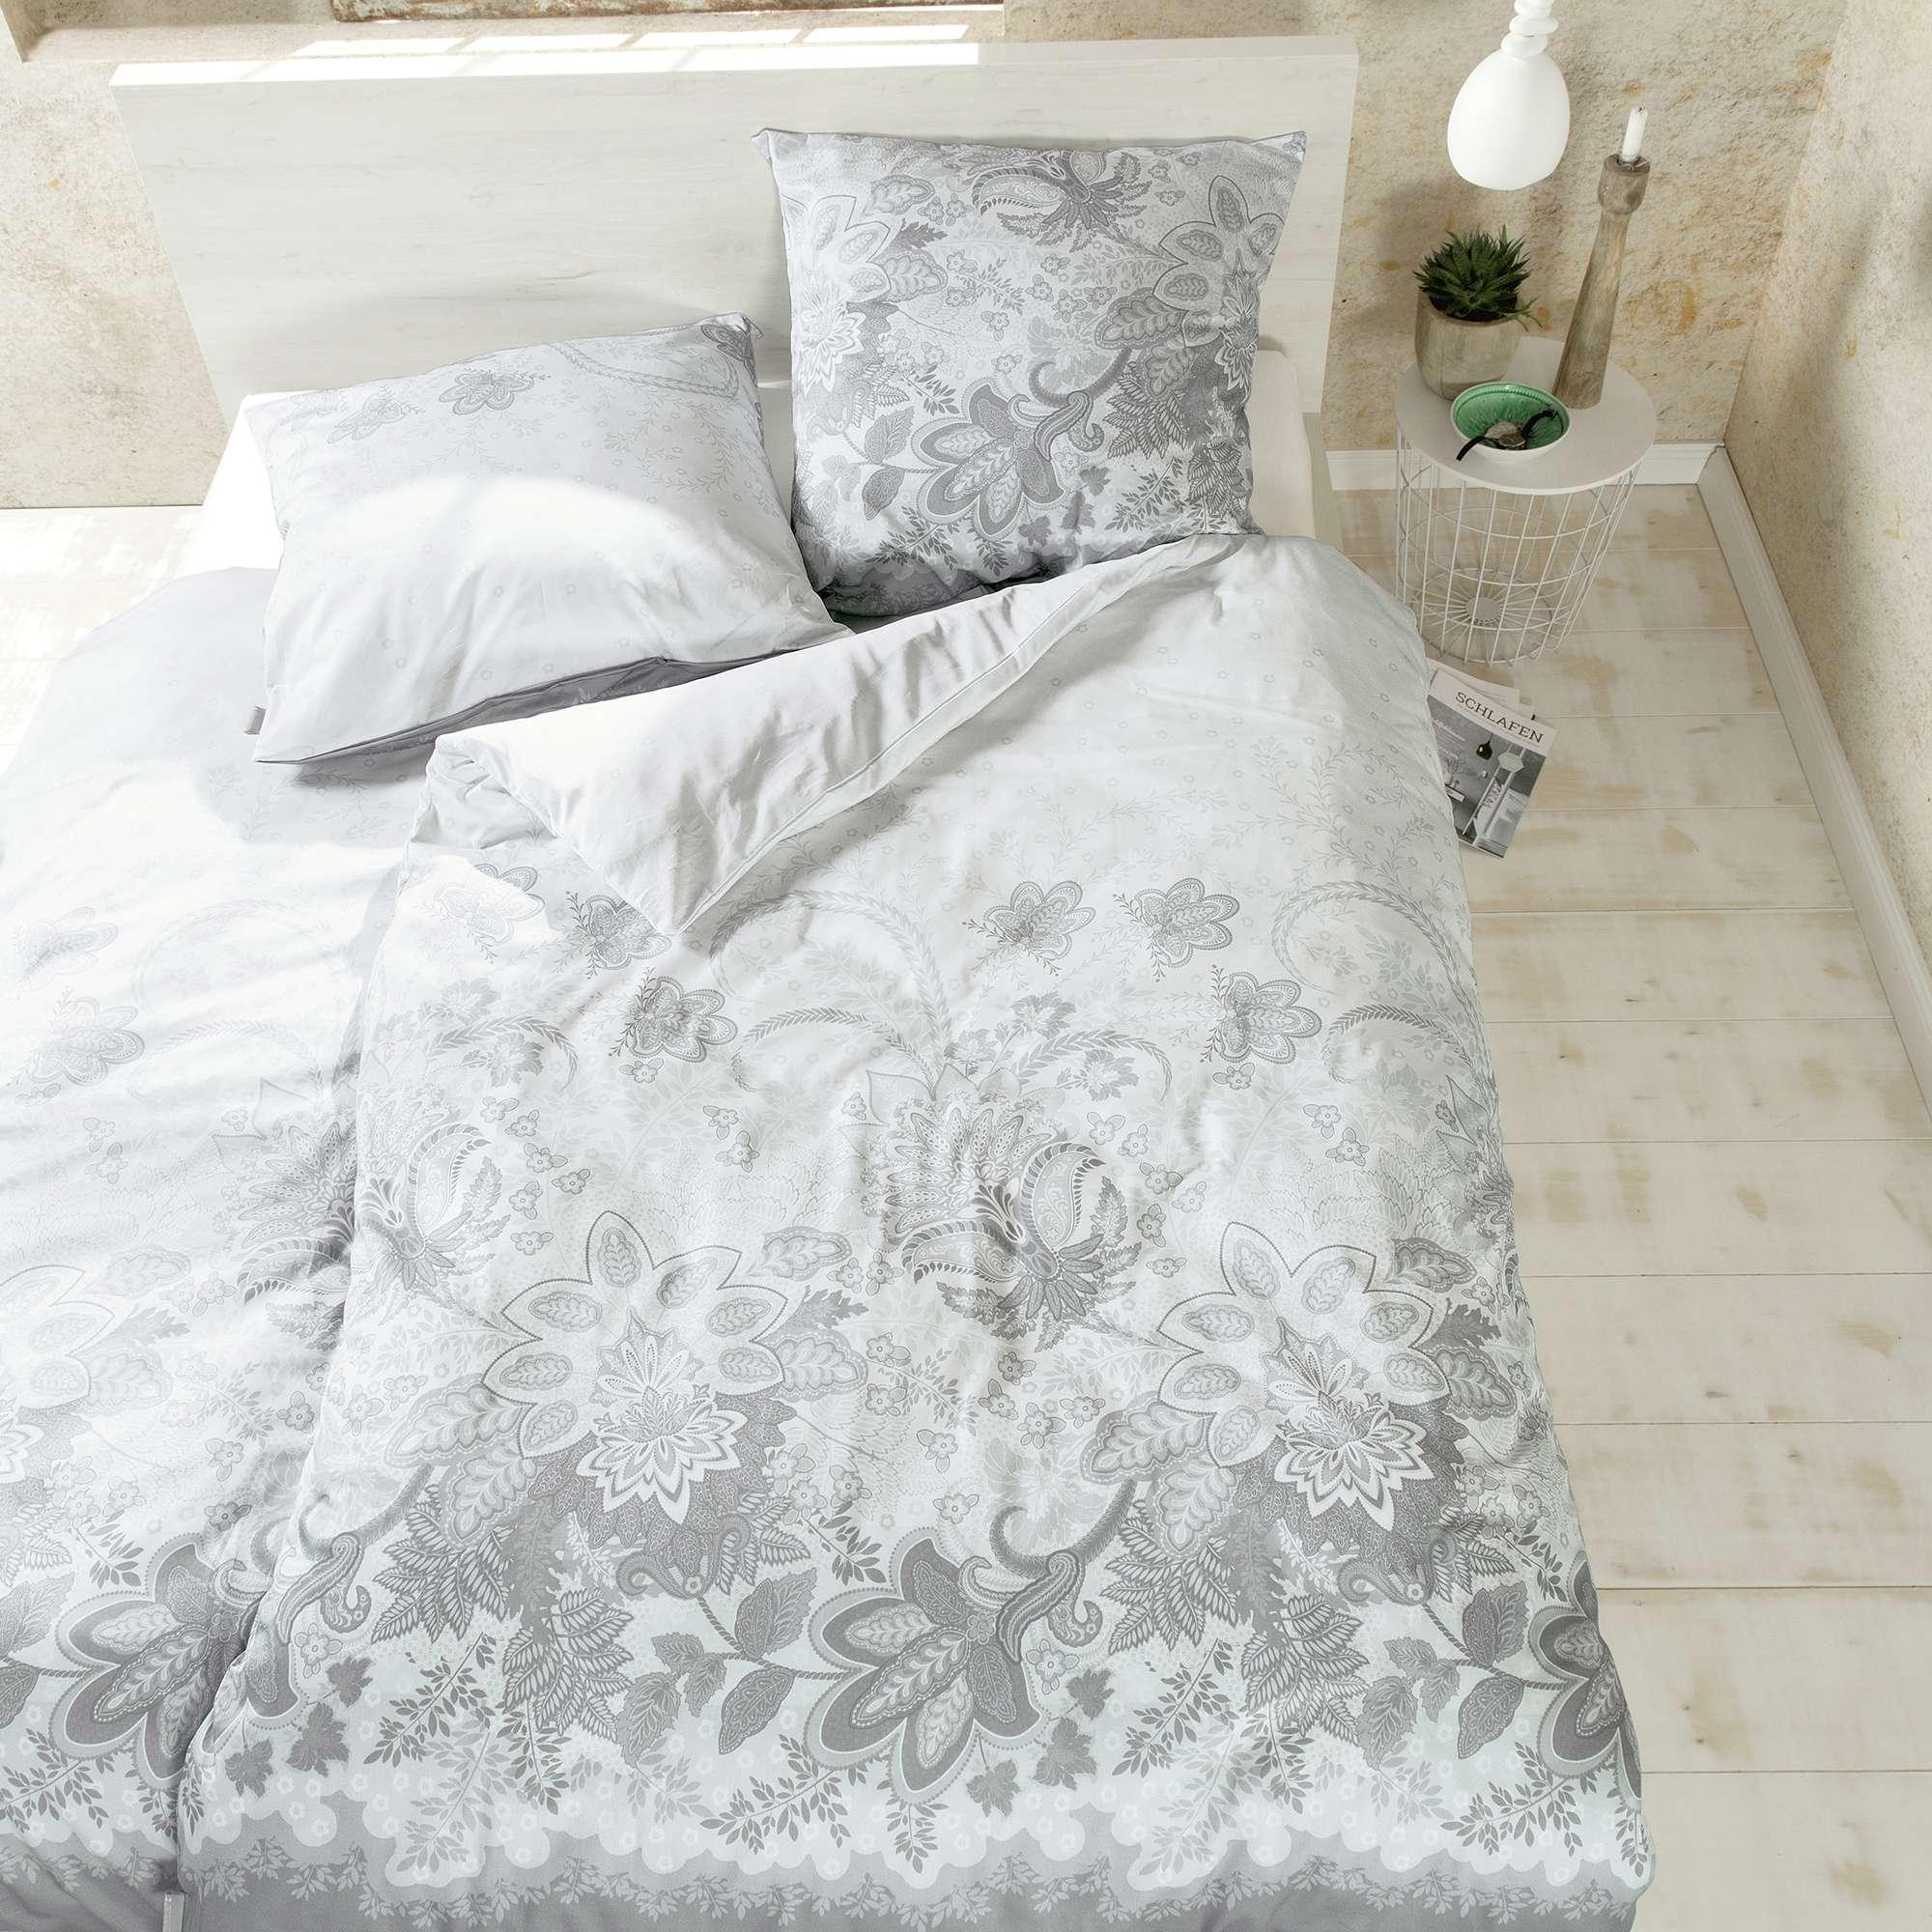 kissenhllen gnstig aldes innove sans cesse comme ici avec son systme easy home with easy home. Black Bedroom Furniture Sets. Home Design Ideas